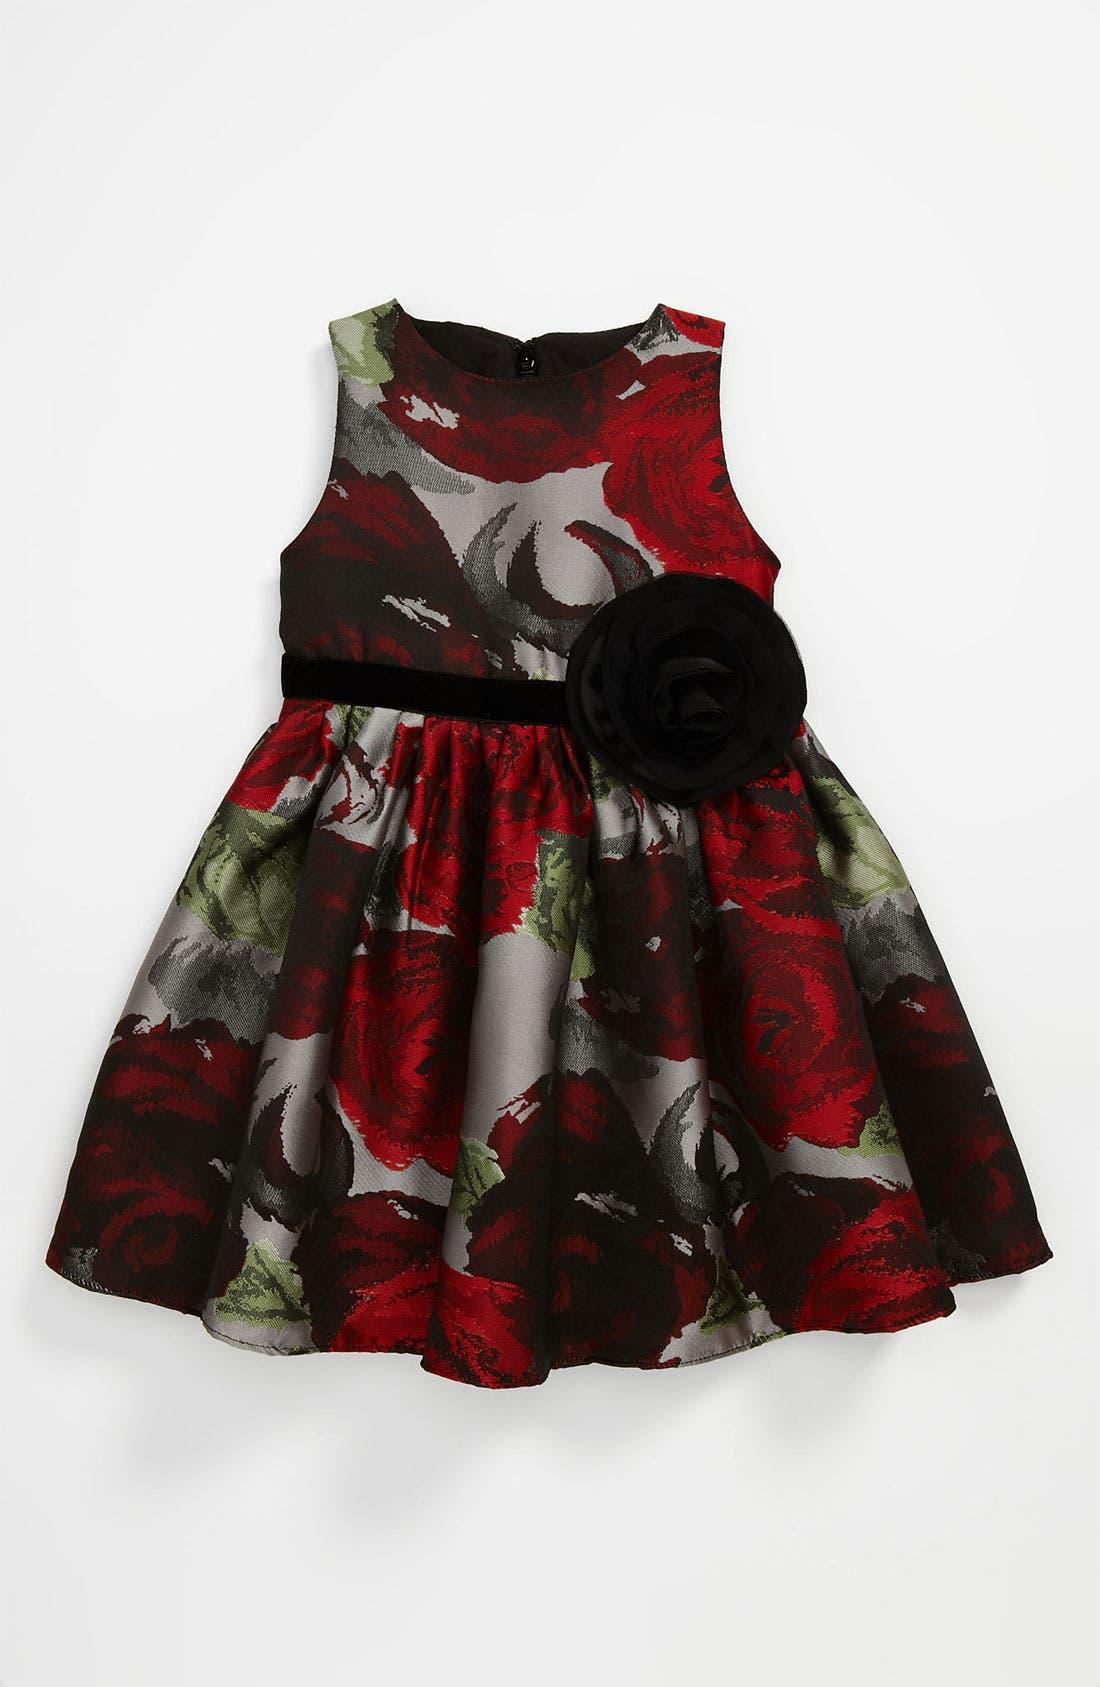 Alternate Image 1 Selected - Us Angels Brocade Dress (Toddler)